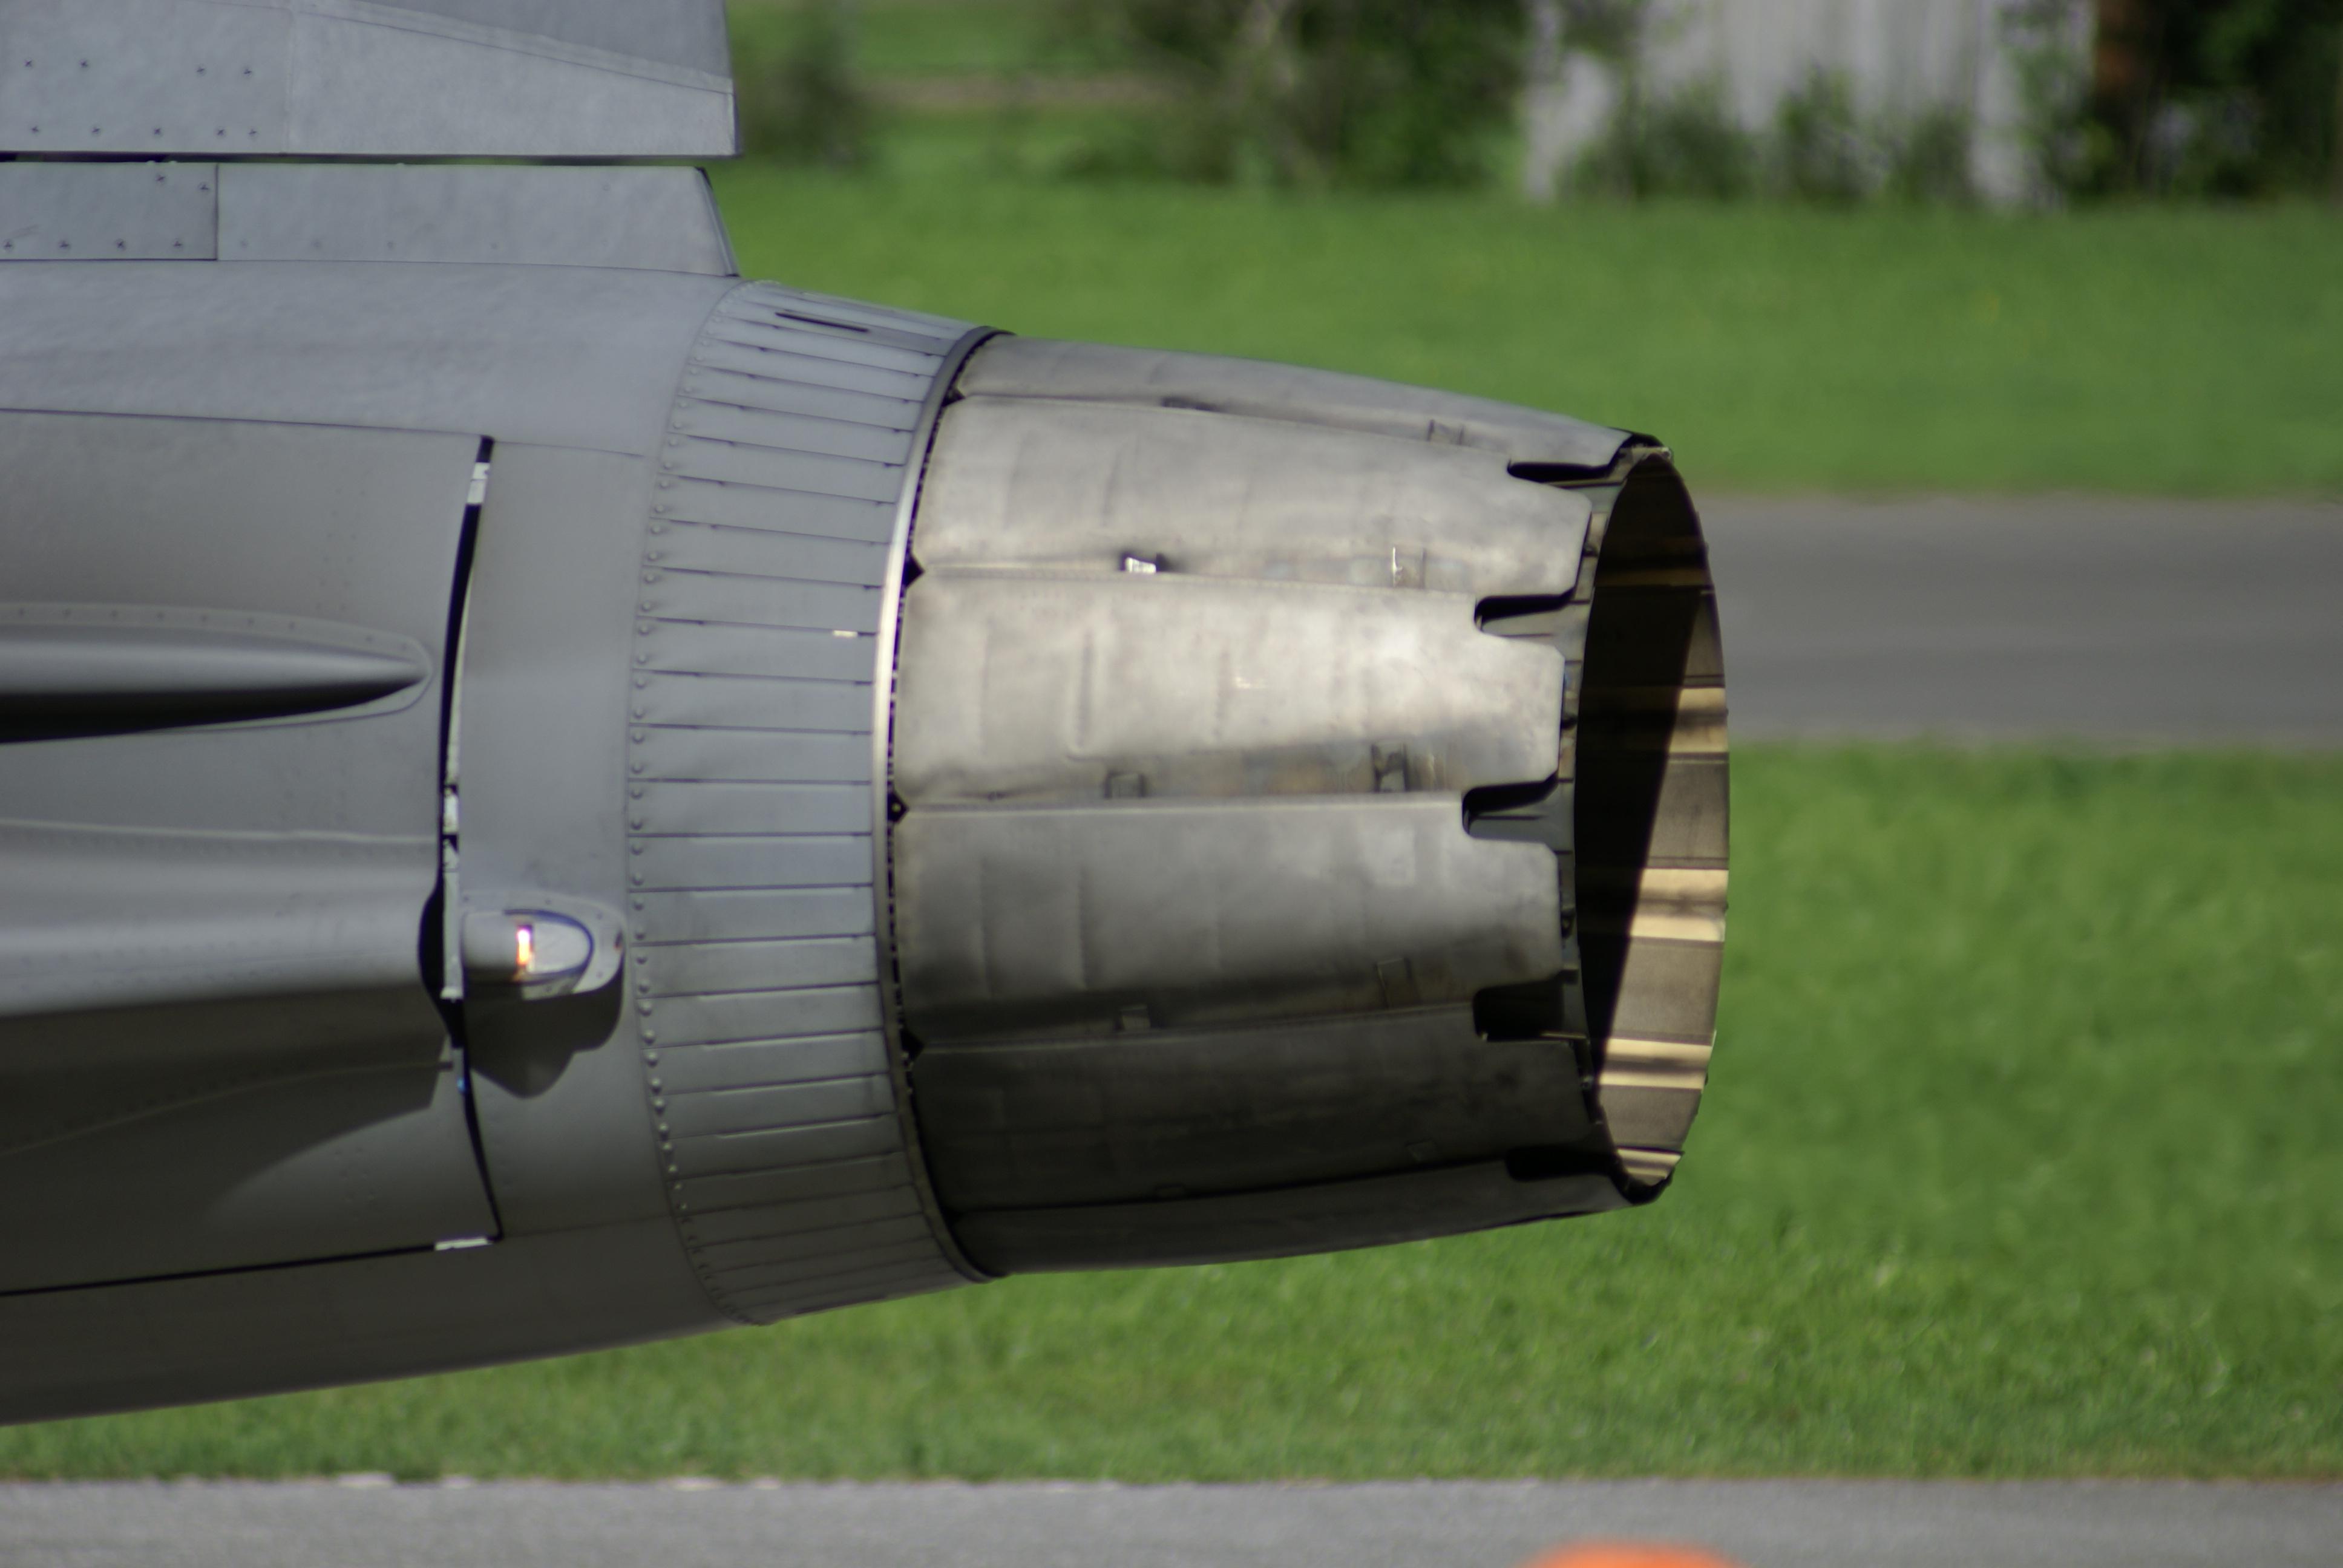 Eurofighter Typhoon Thrust Vectoring Nozzle